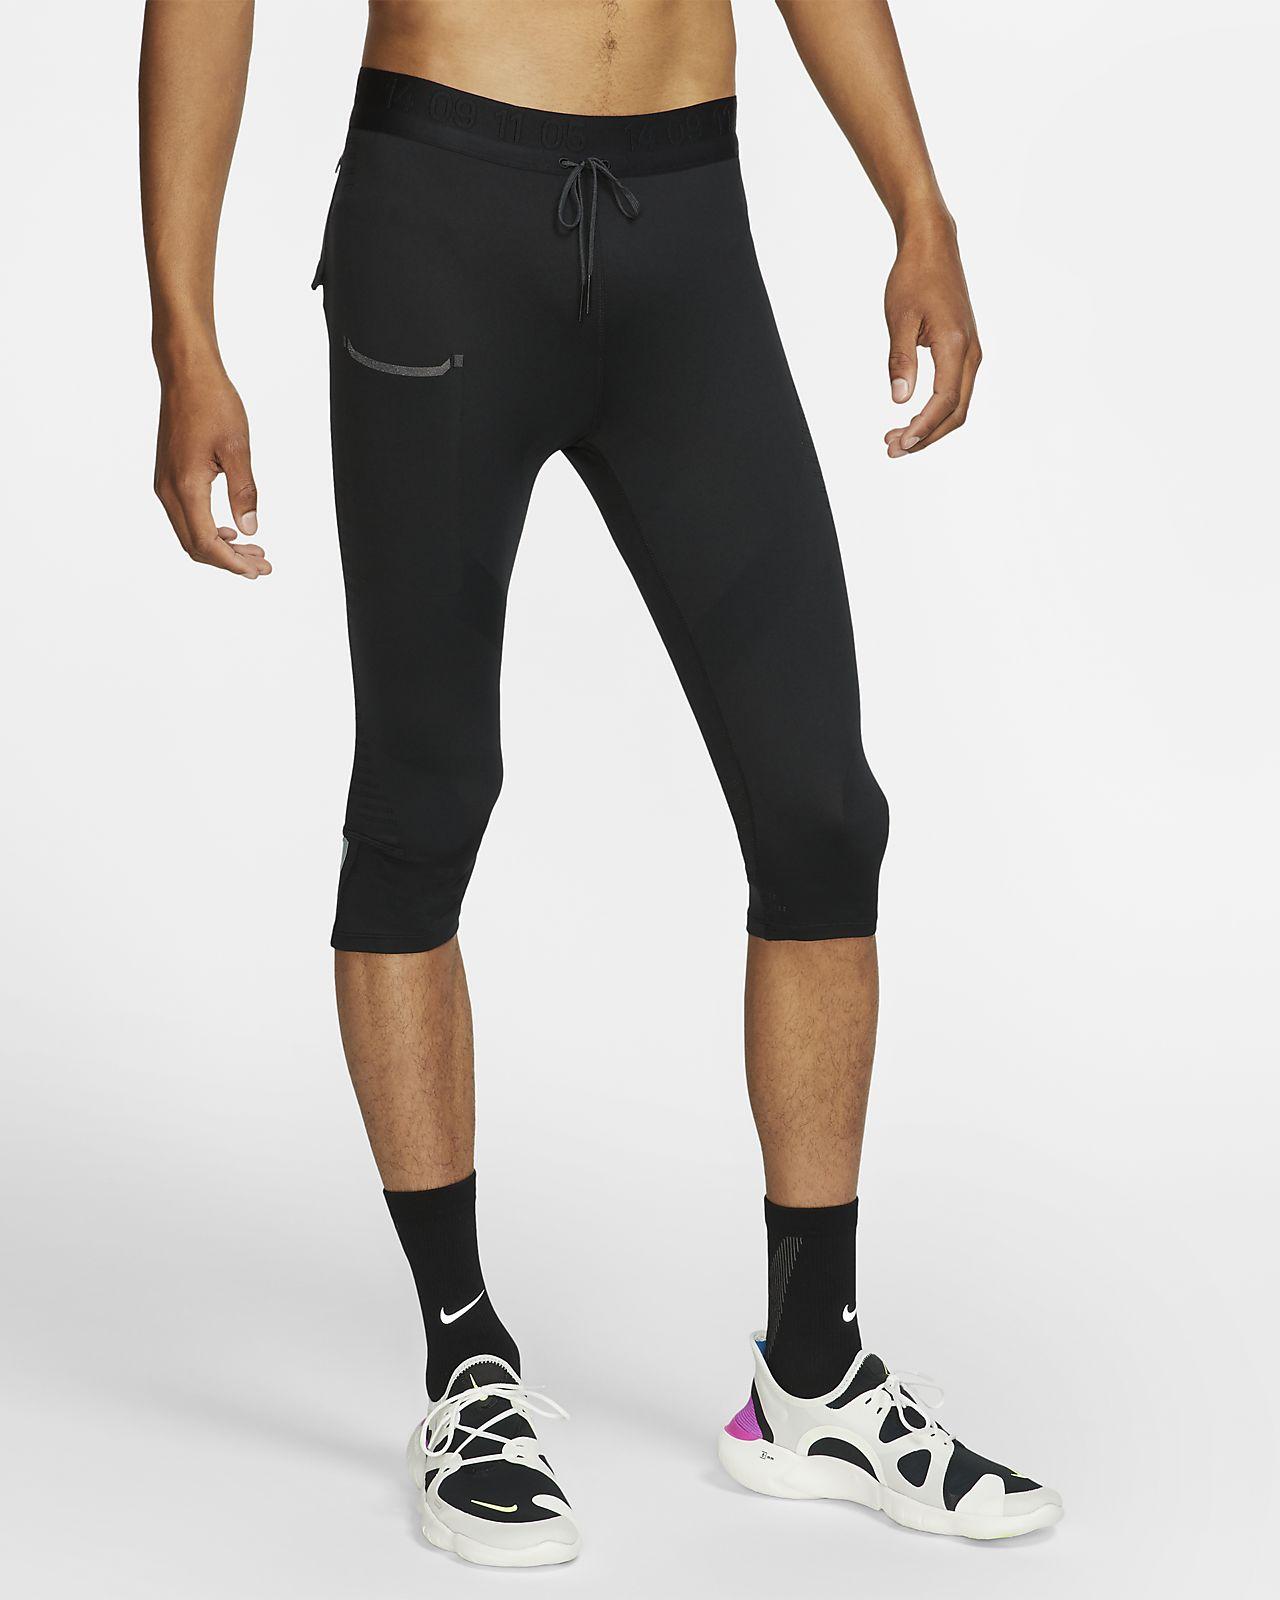 Nike – løbetights i trekvart længde til mænd